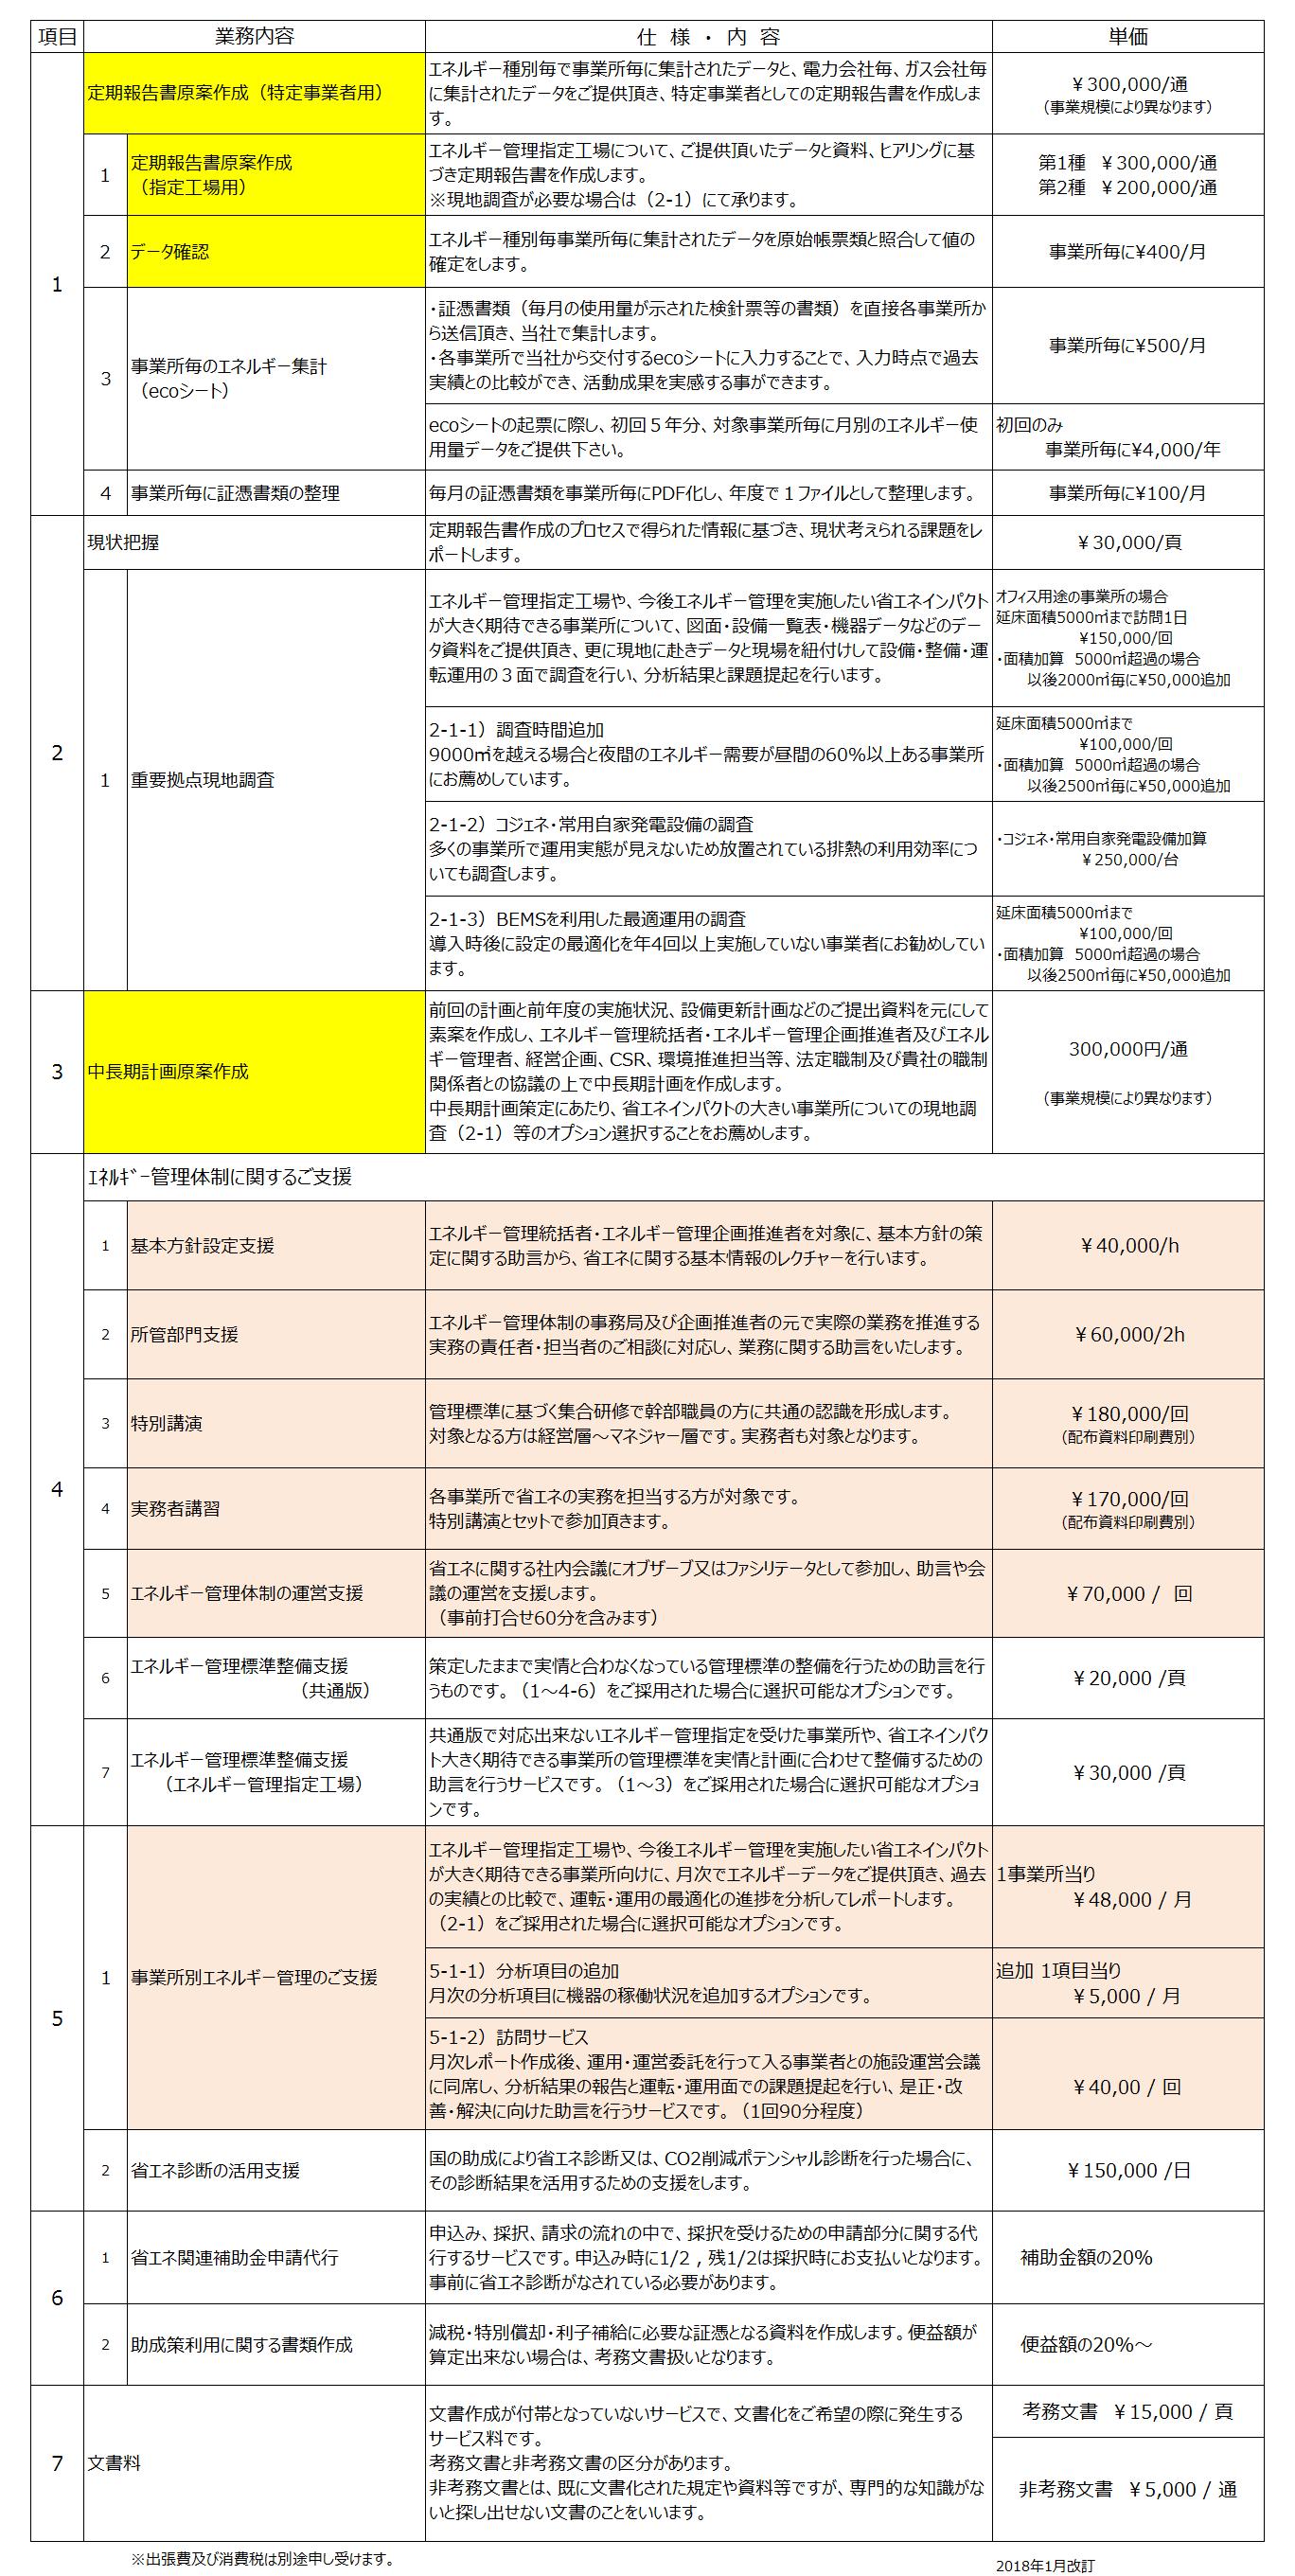 省エネ法 定期報告書 中長期計画書 実務者支援 標準価格表